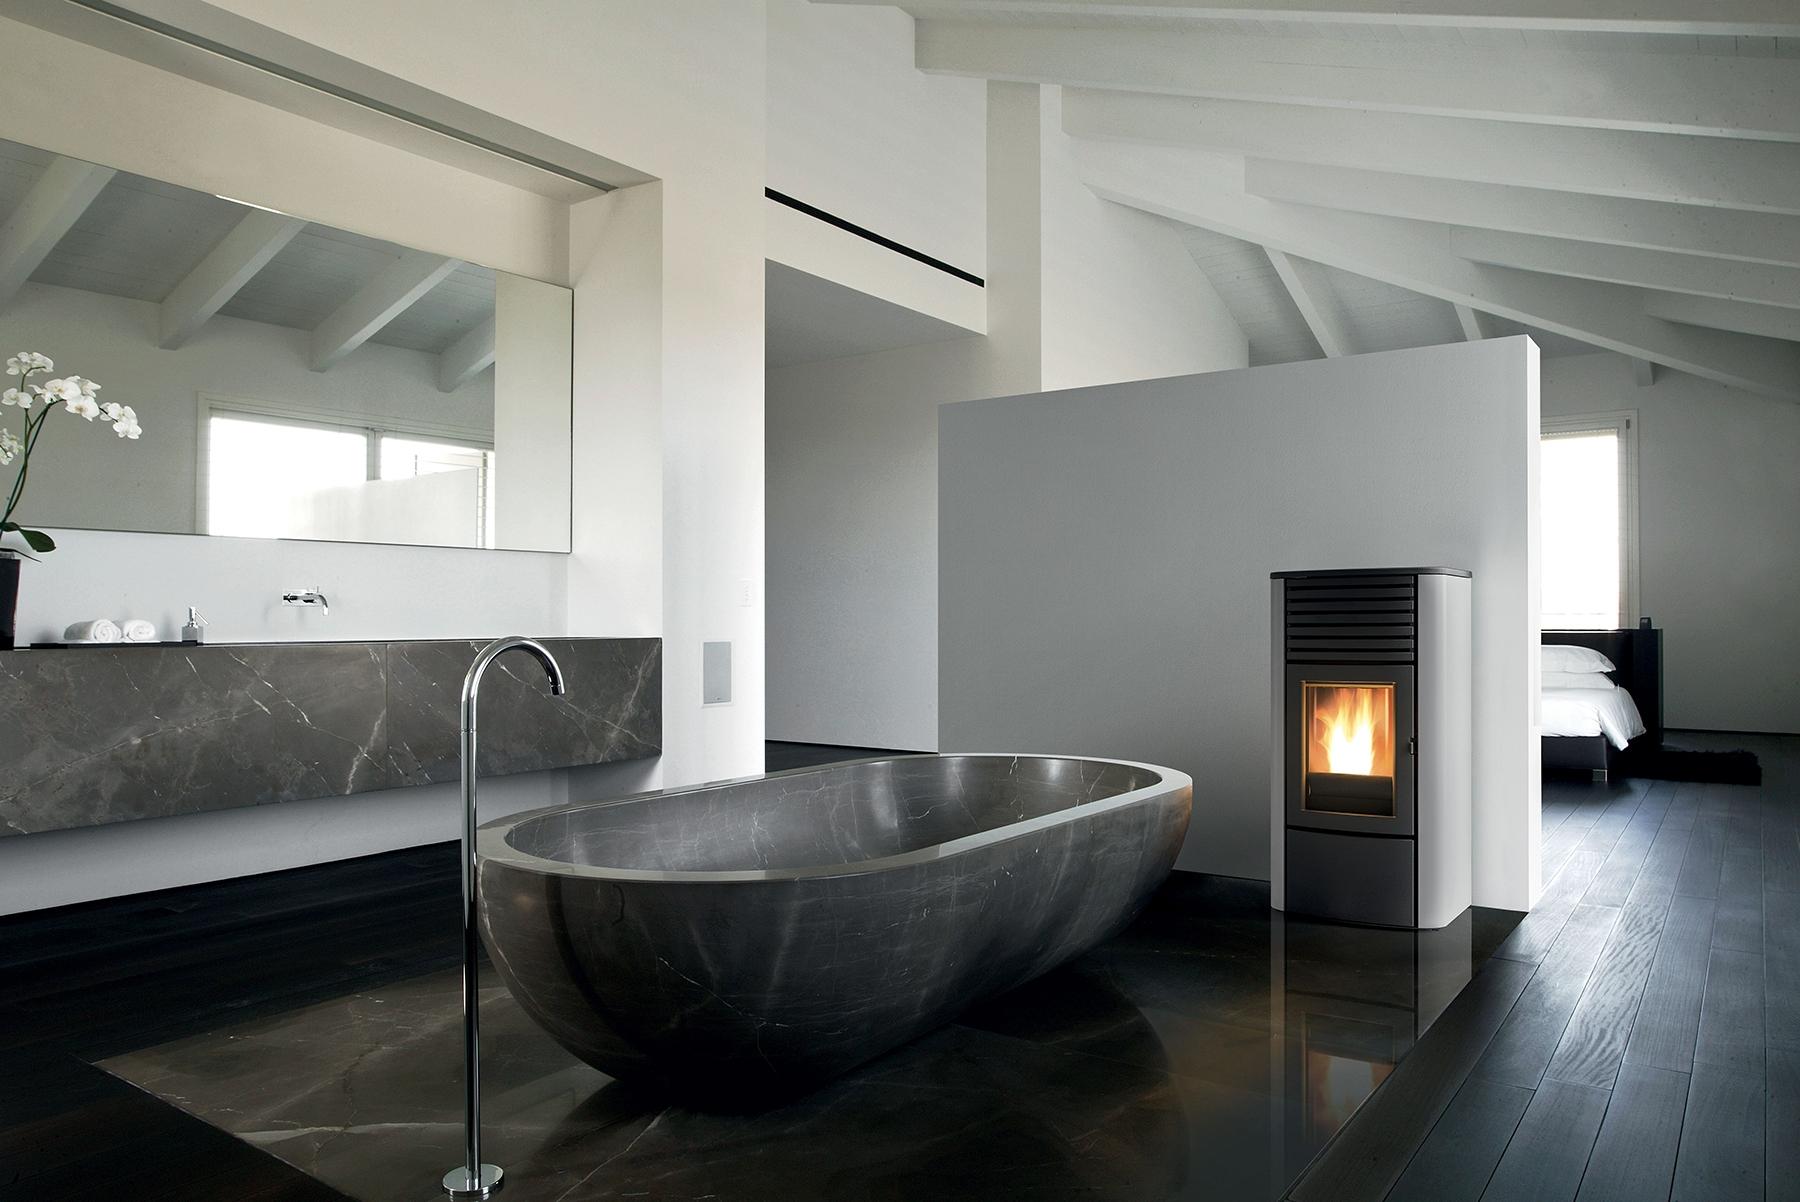 Ambiente de baño con estufa de MCZ.